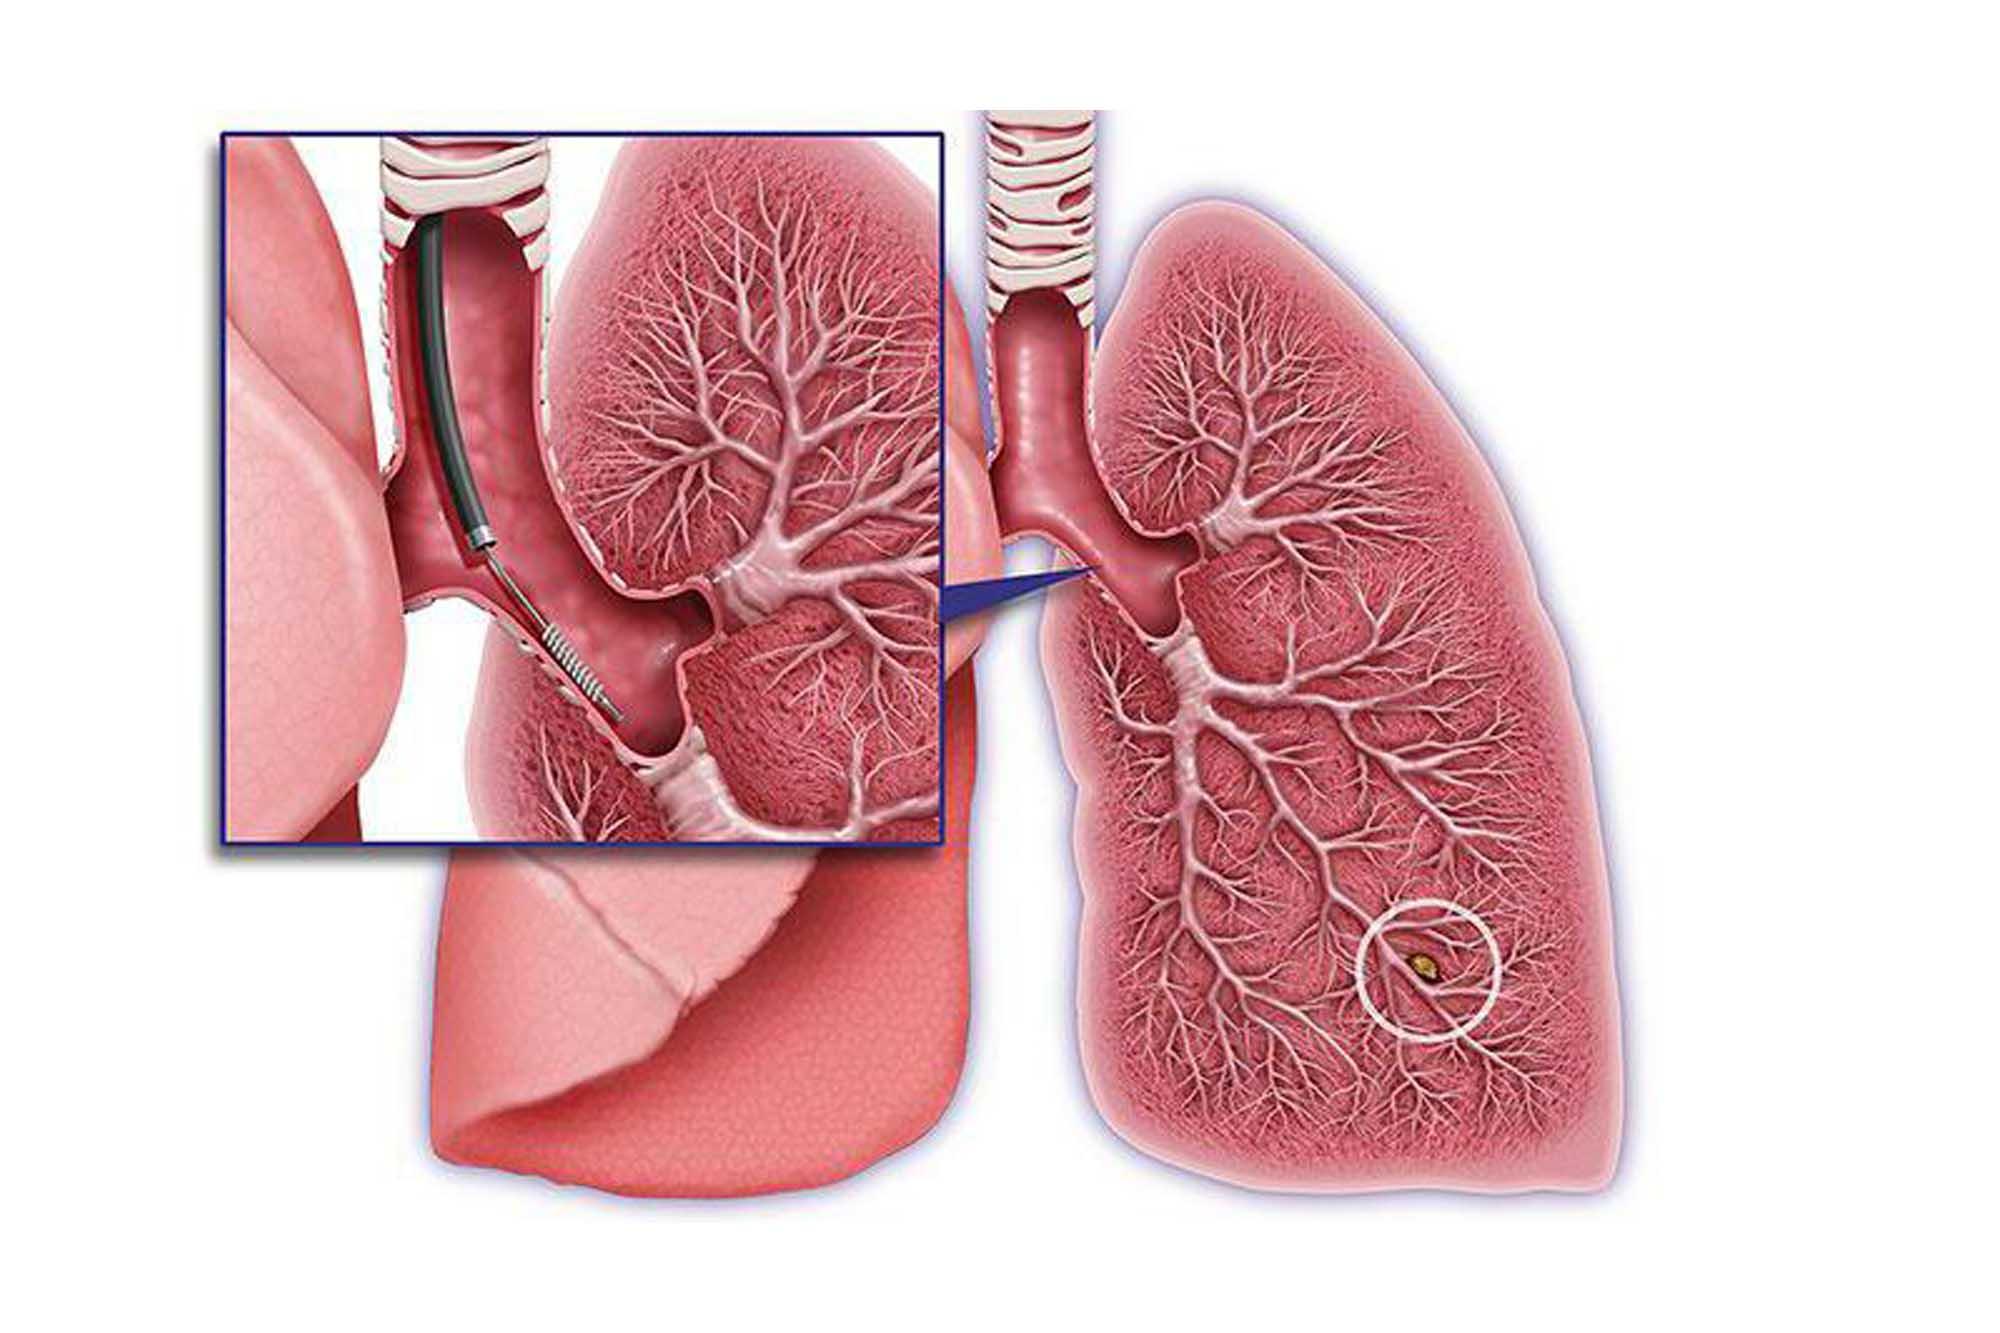 Бронхиолоальвеолярный рак легкого - симптомы и лечение